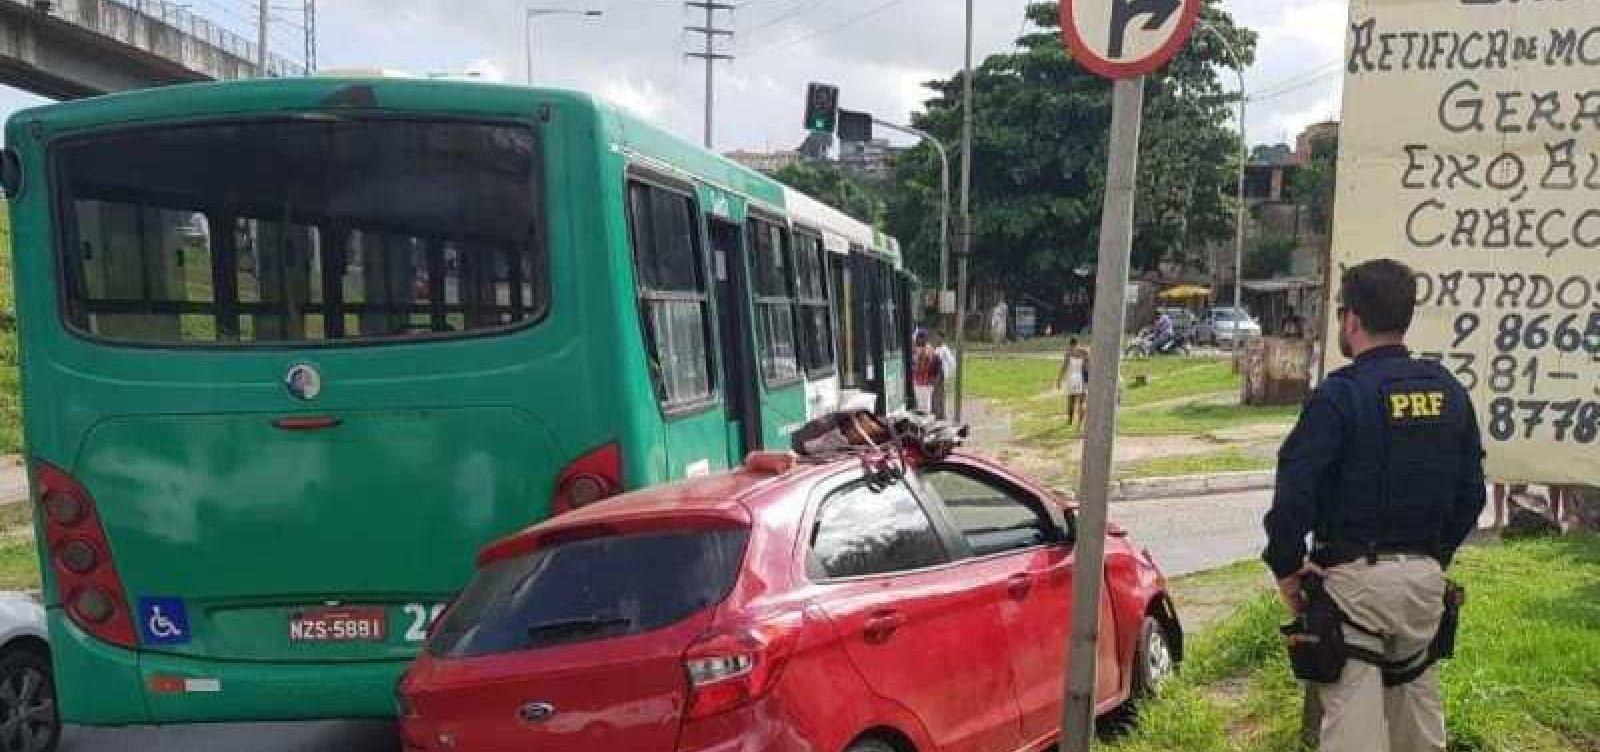 Suspeitos de assalto são presos pela PRF em Salvador